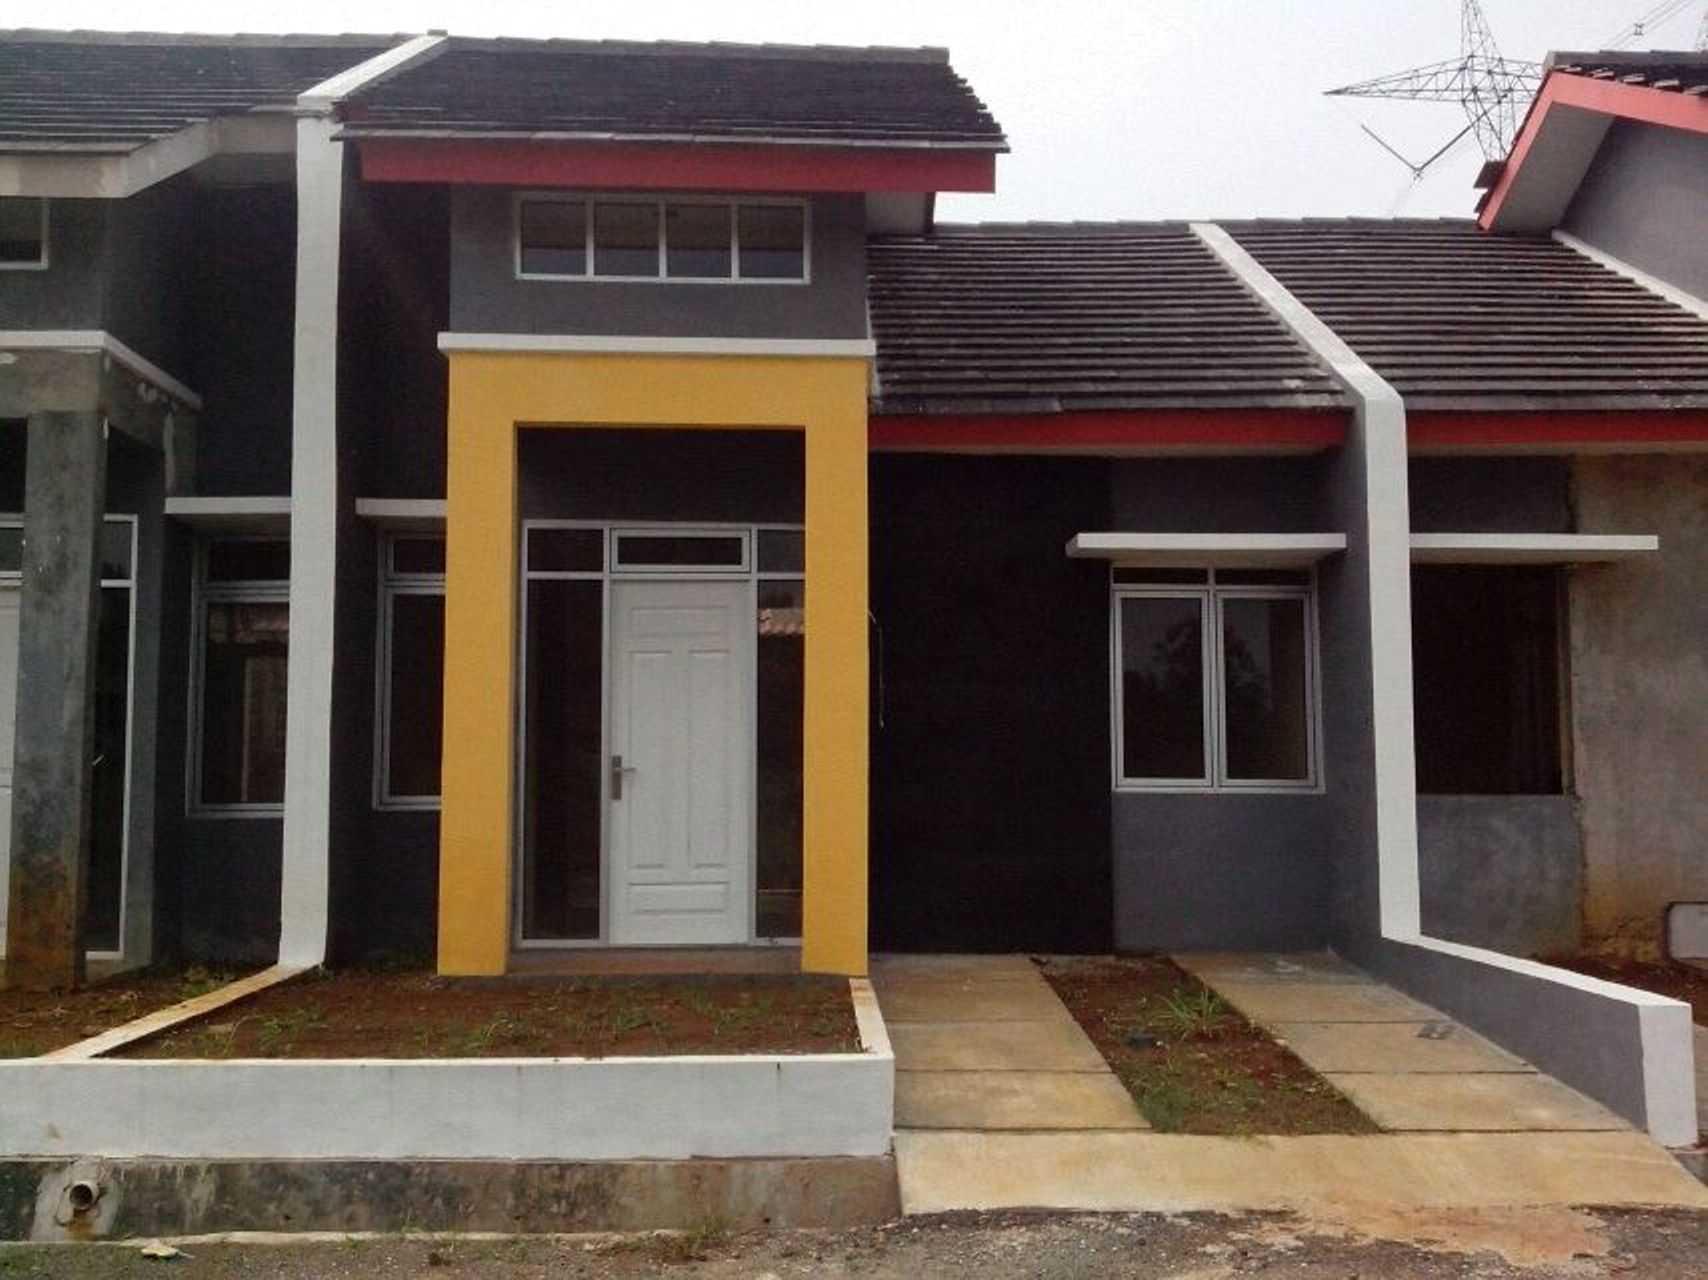 Sujud Gunawan Studio Mutiara Kemang Type 45 At Bojong Gede Jl. Mutiara Kemang, Tonjong, Tajur Halang, Bogor, Jawa Barat 16320, Indonesia Bogor Exterior Perumahan Modern  12681